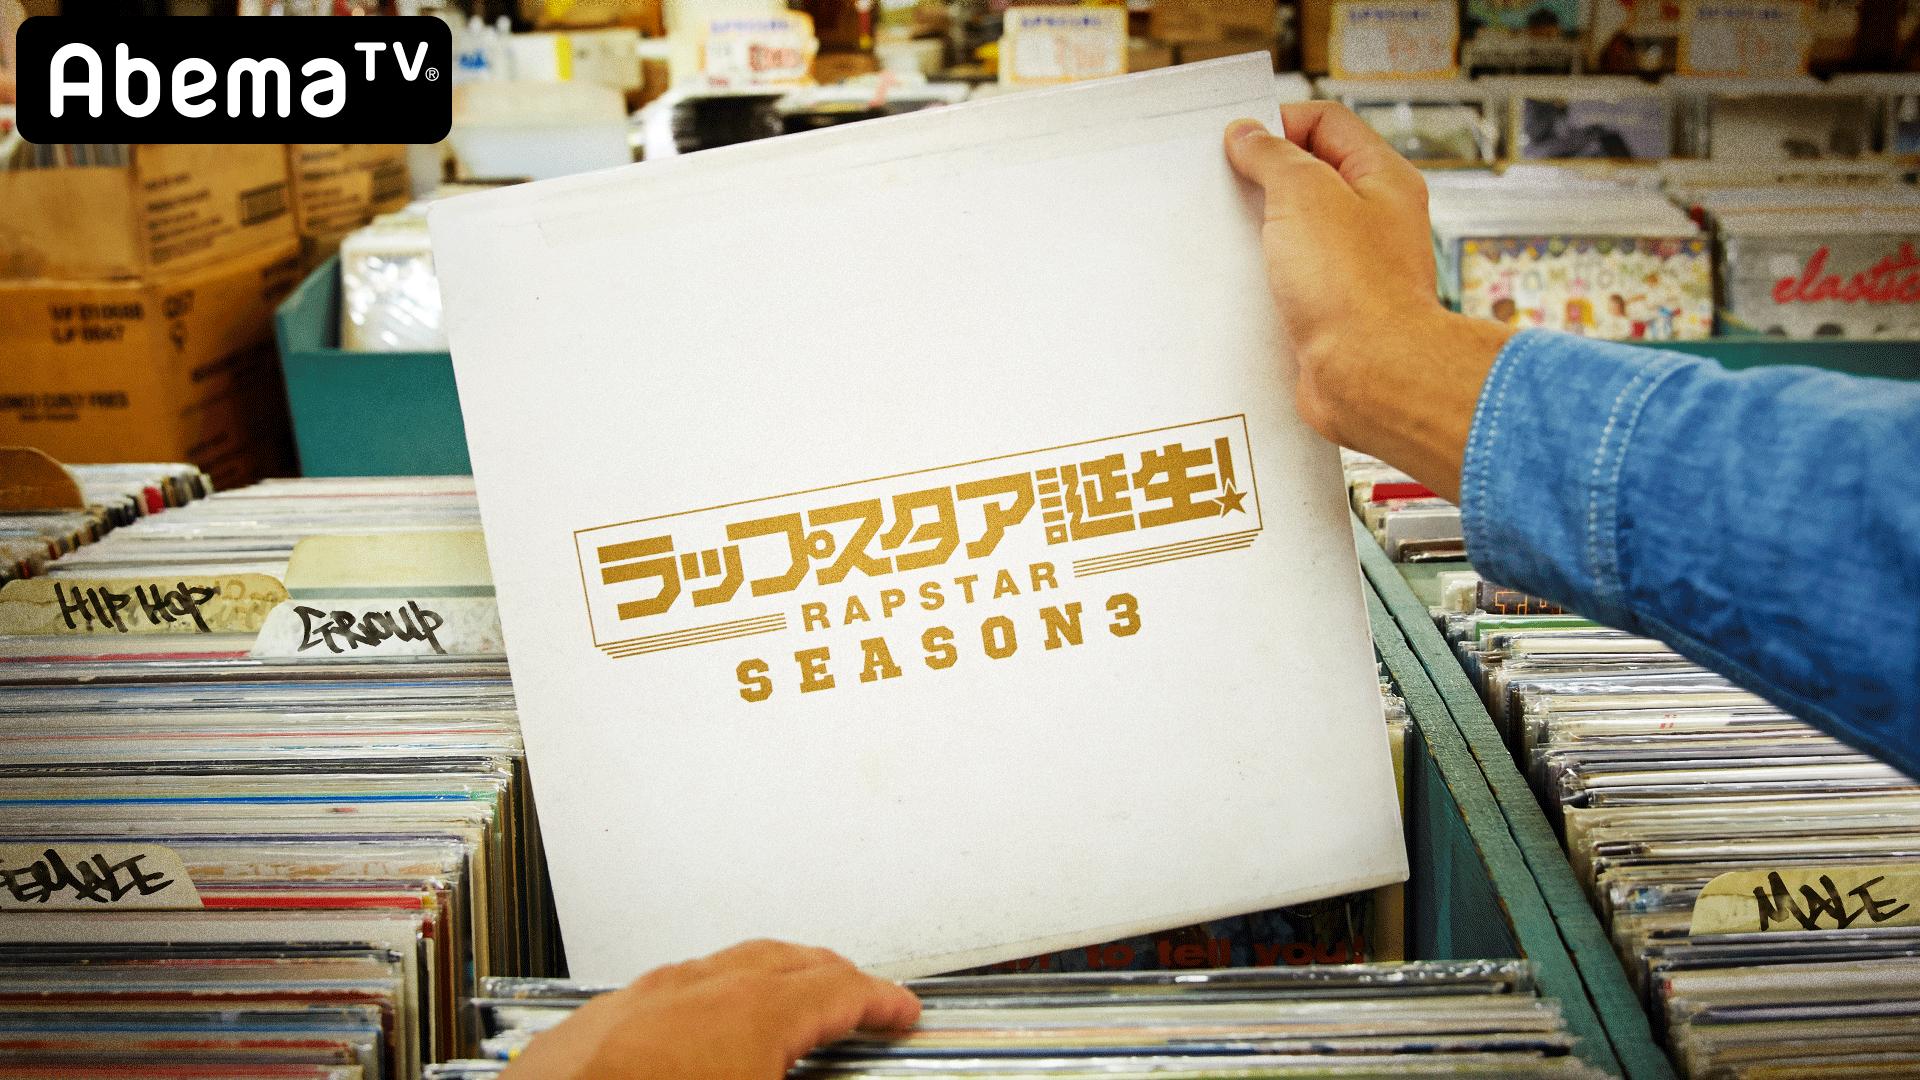 10月10日(水)23:30 O.A. <br>AbemaTV「ラップスタア誕生!シーズン3」初回スタート!